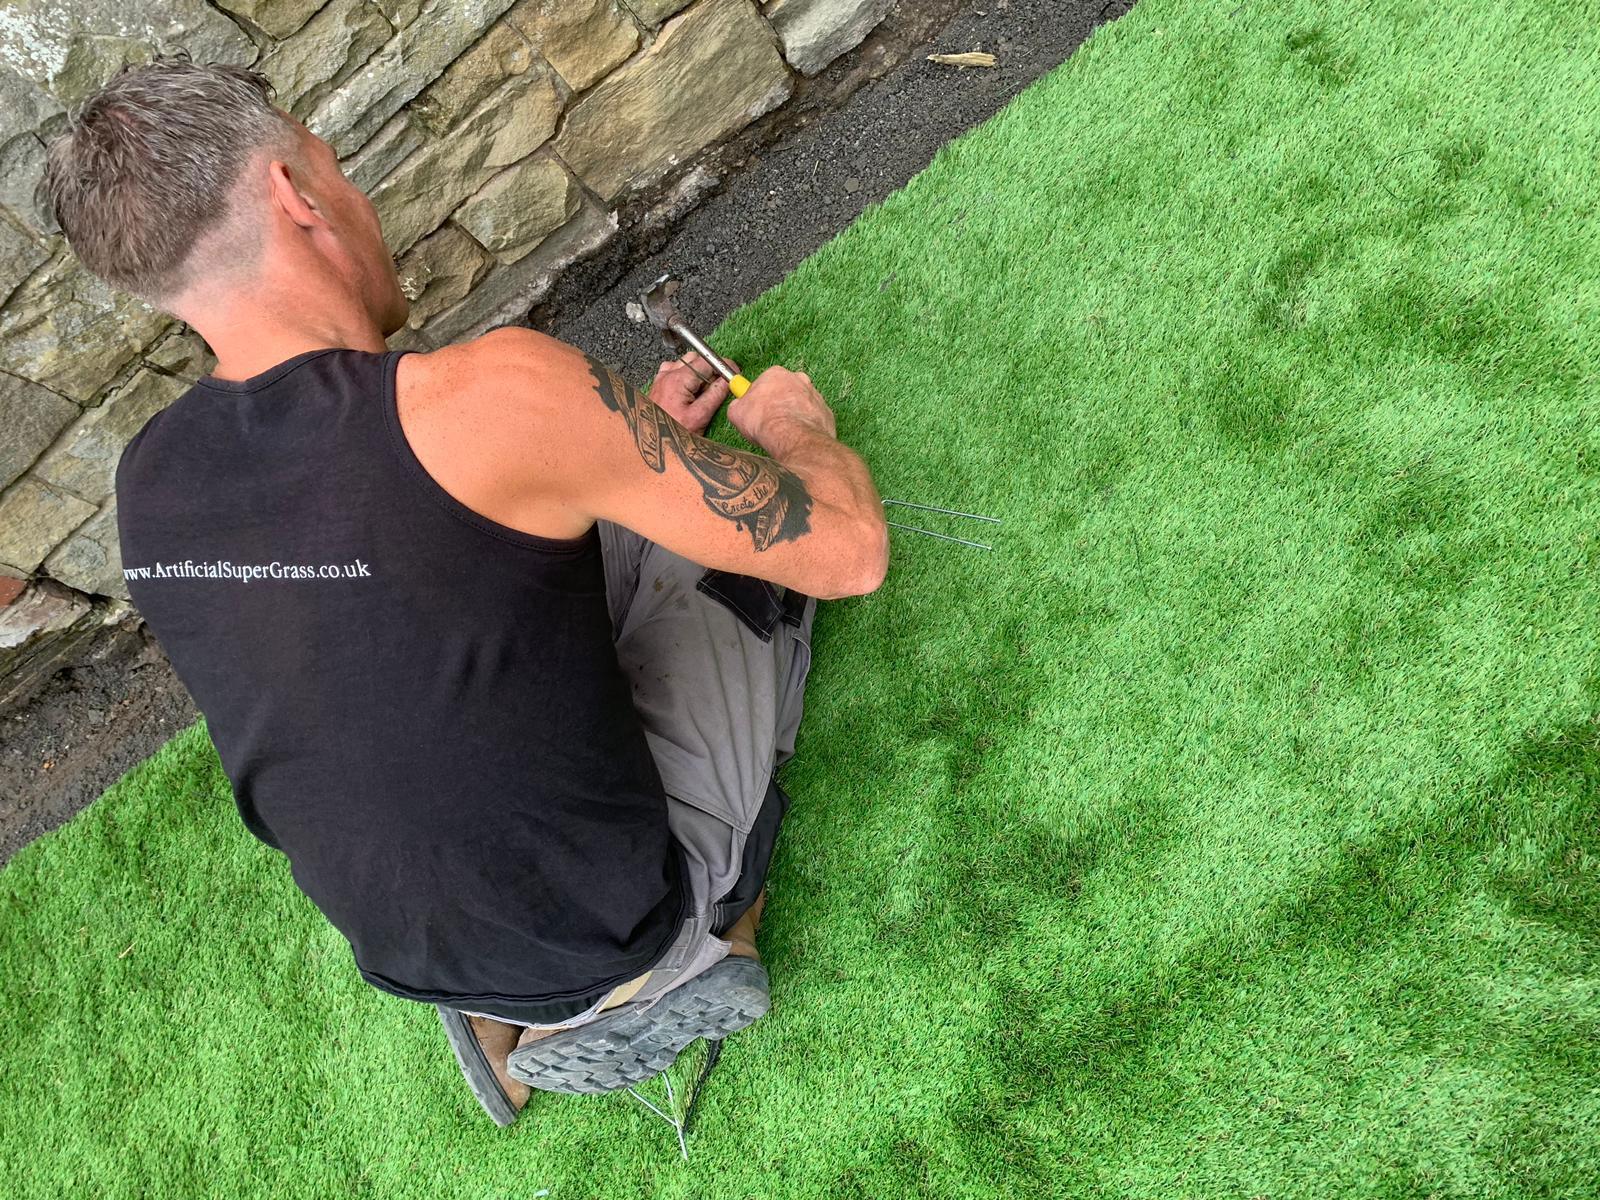 Fake Grass Chapel Allerton Artificial Super Grass